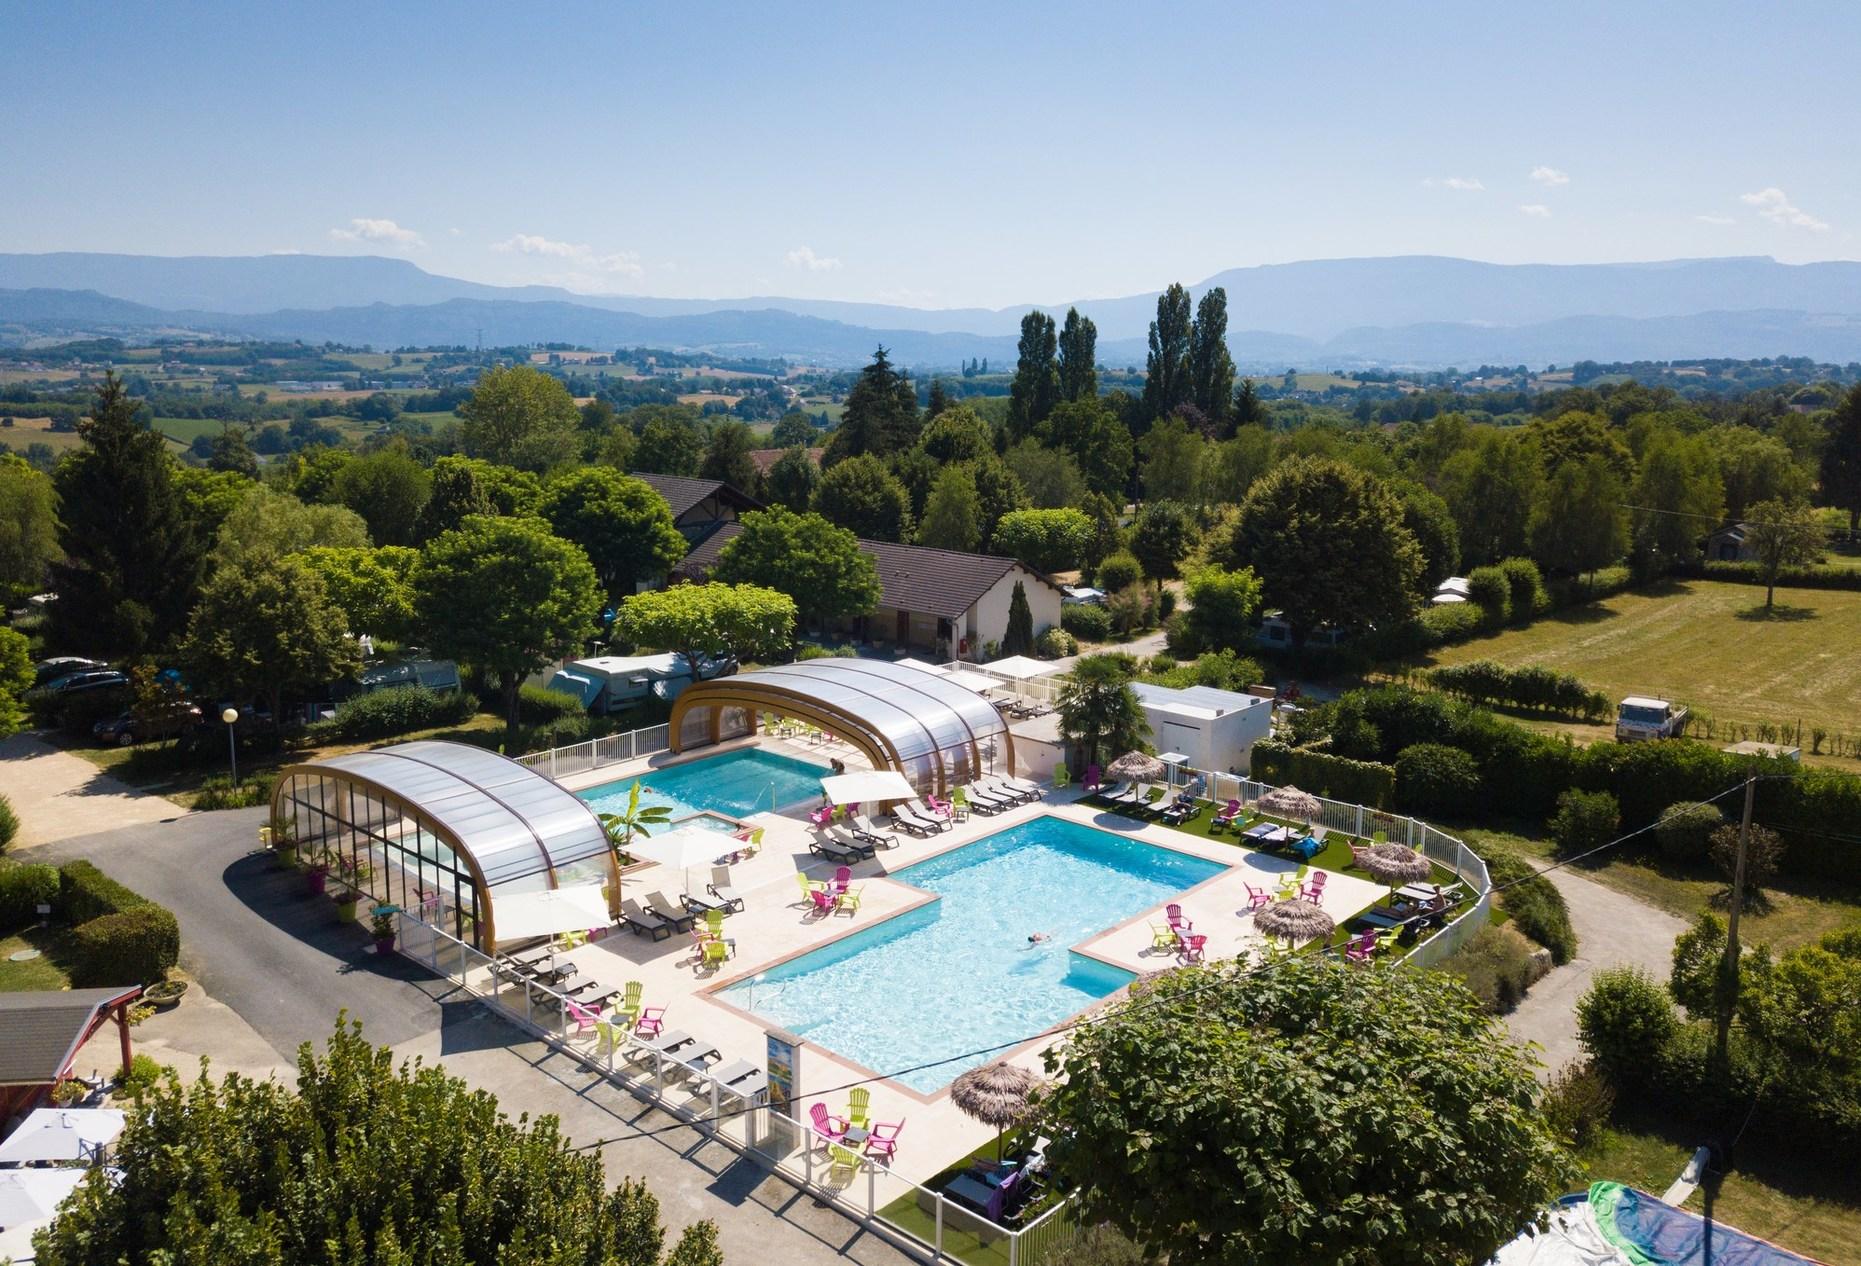 Frankrijk-Les%20Abrets-Camping%20Le%20Coin%20Tranquille-ExtraLarge Wintersport Frankrijk|Pagina 2 van 55